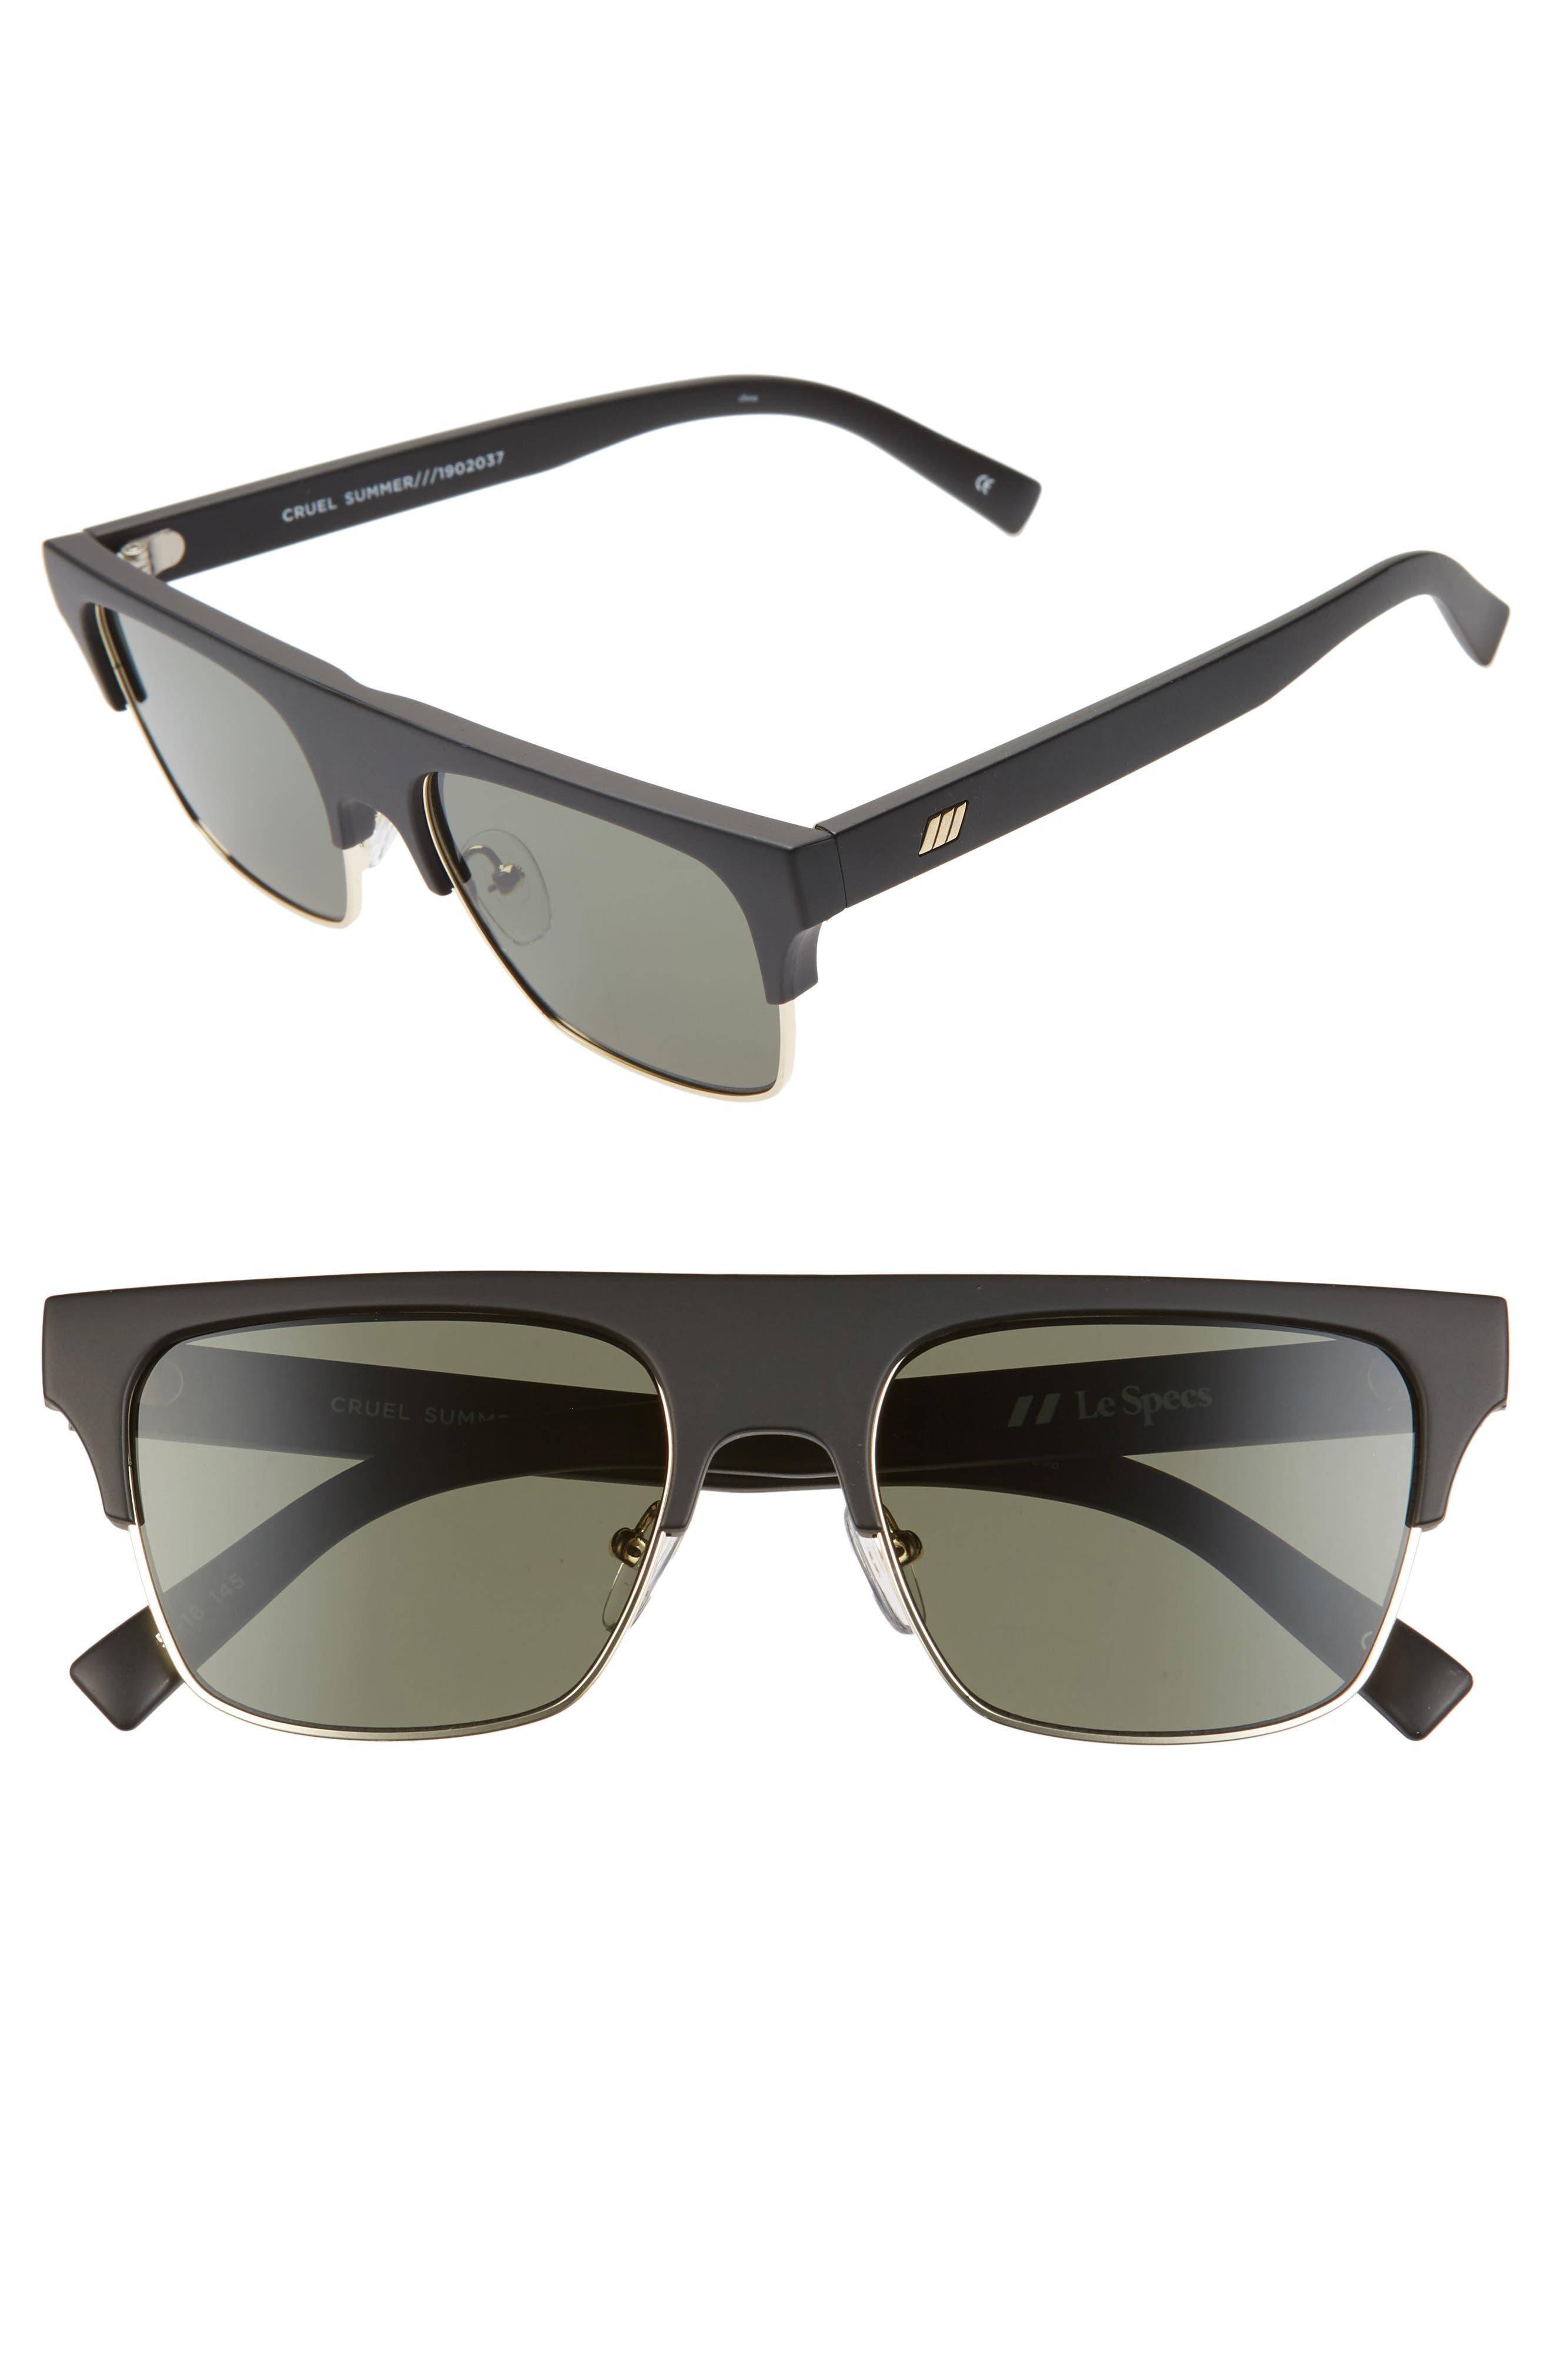 Le Specs Cruel Summer 51Mm Flat Top Sunglasses - Matte Black